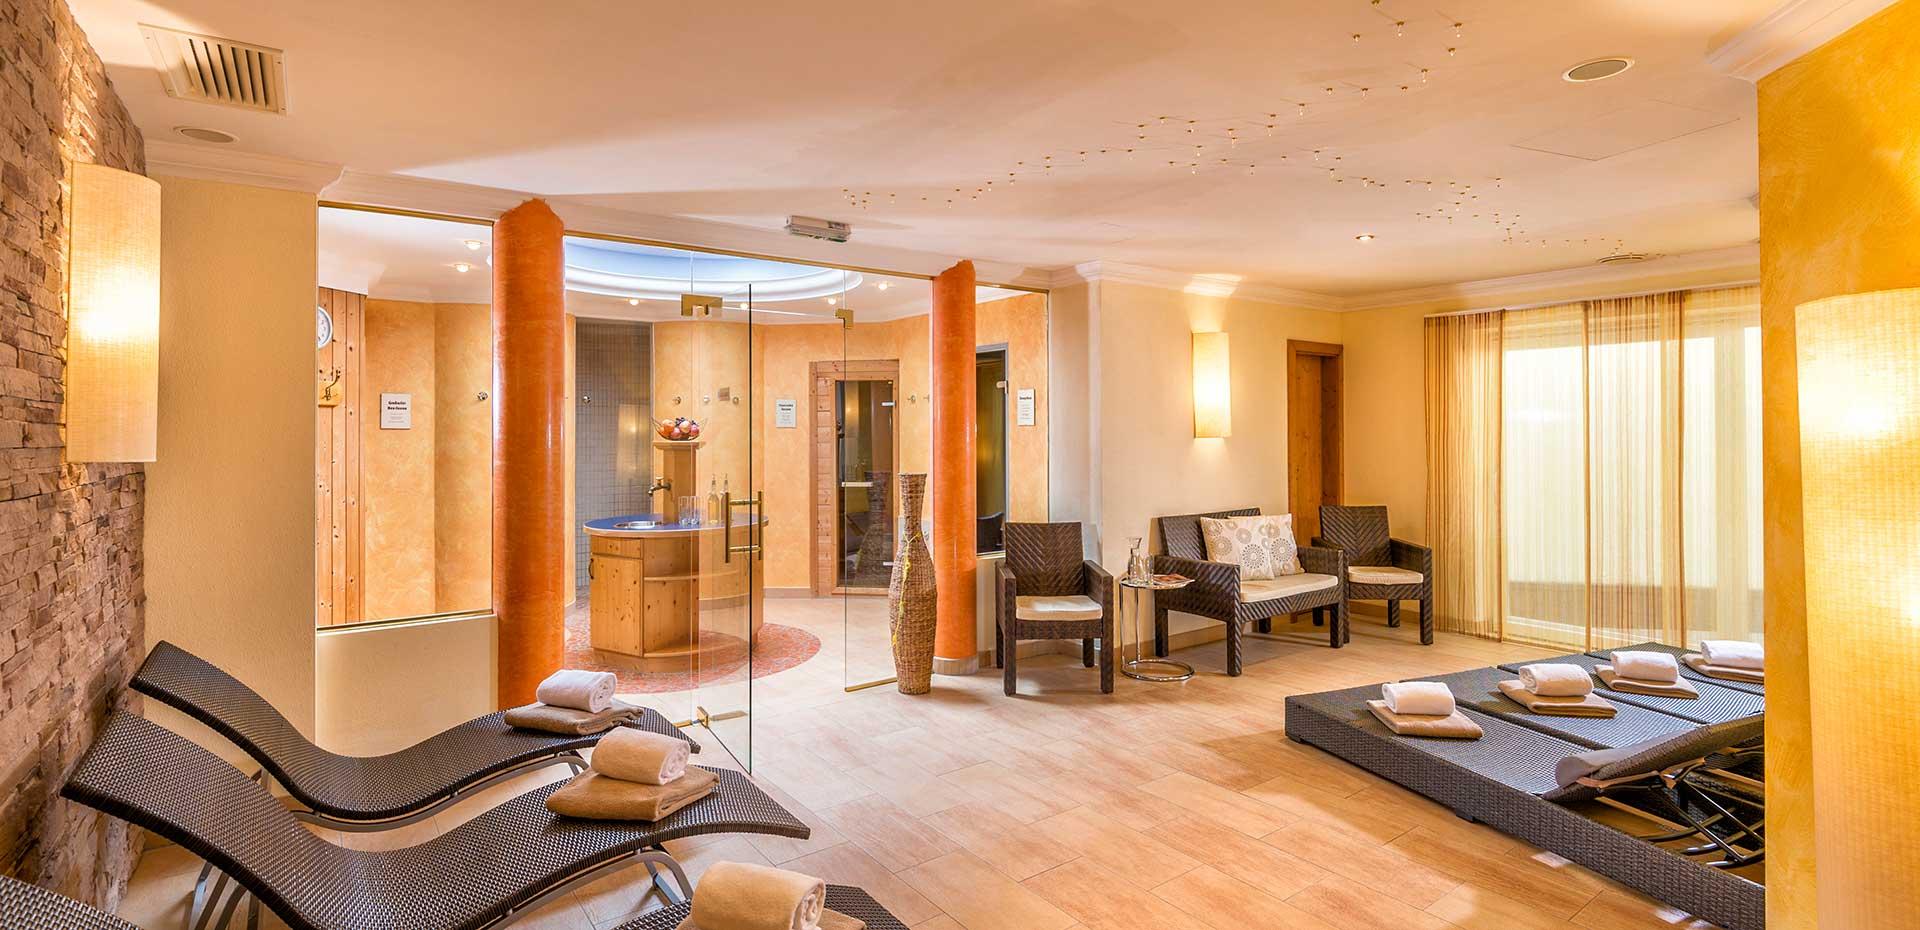 Wellnessbereich im 4 Sterne Hotel Alpenklang in Großarl